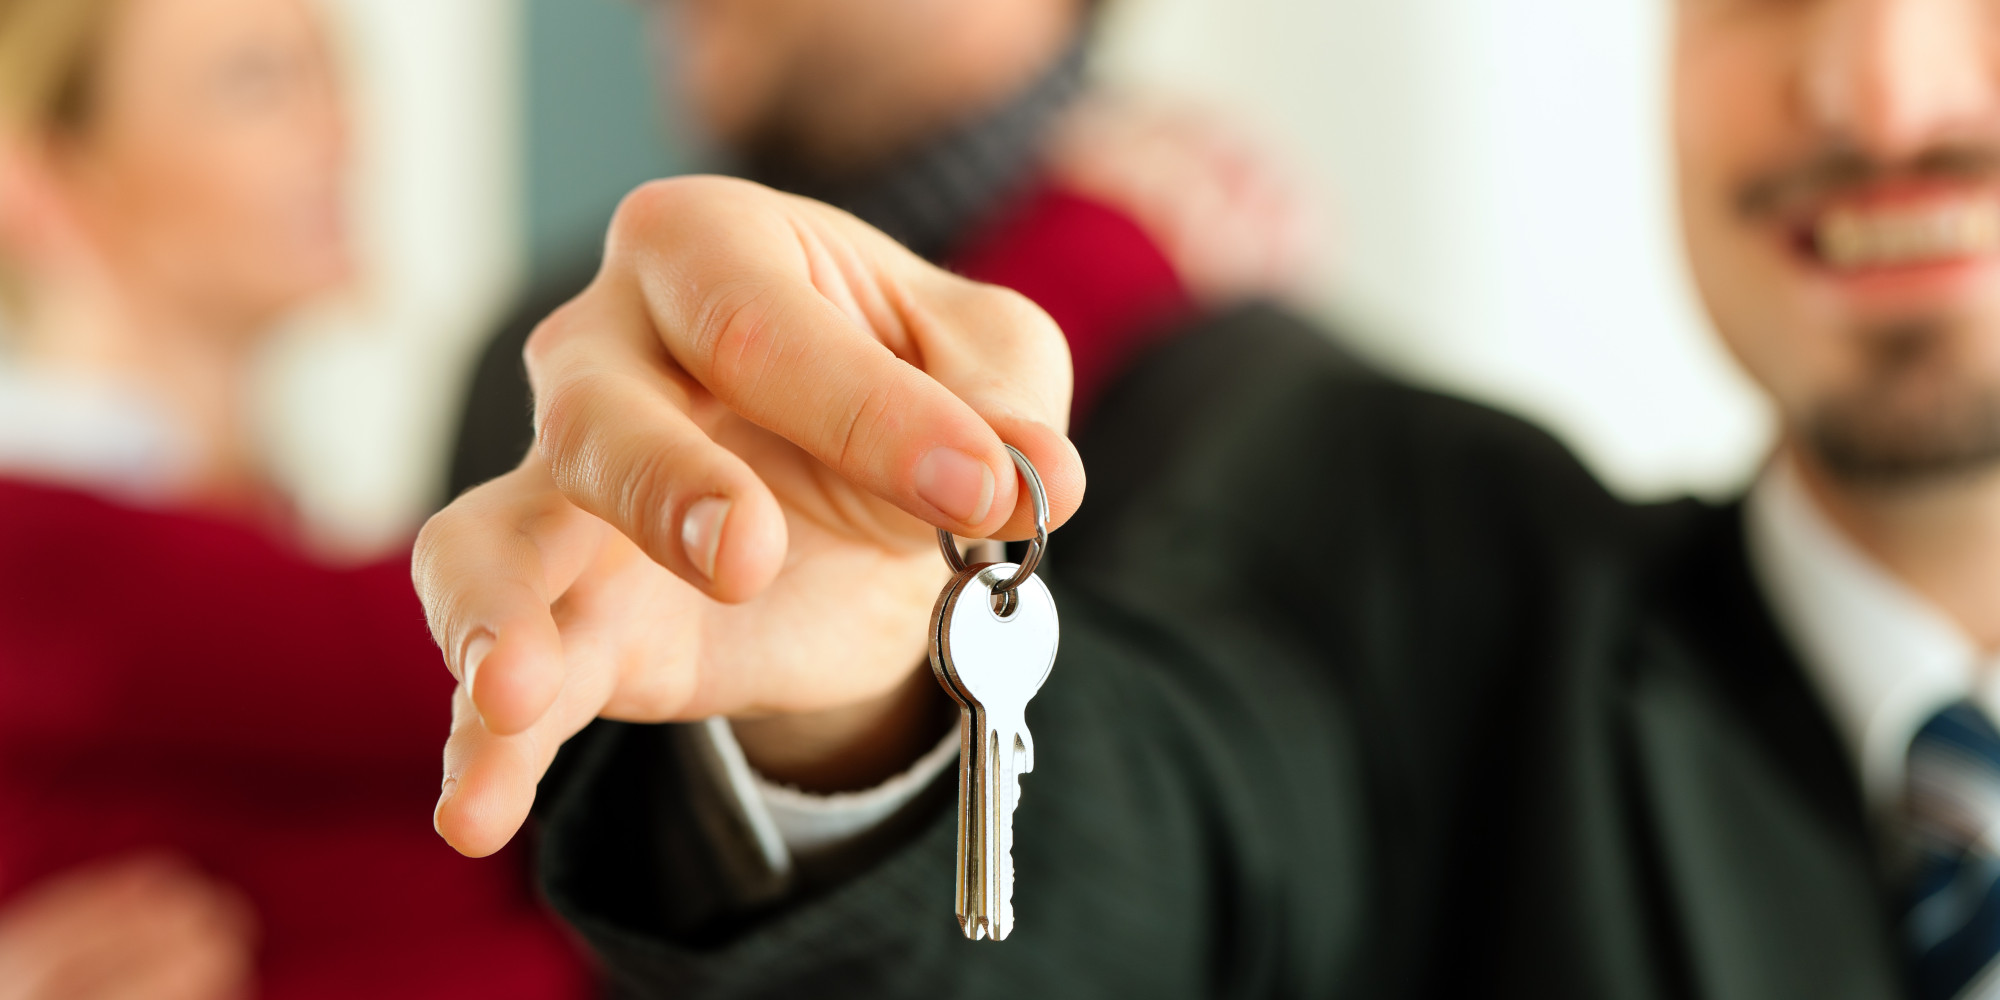 Можно ли ипотечную квартиру сдавать в аренду